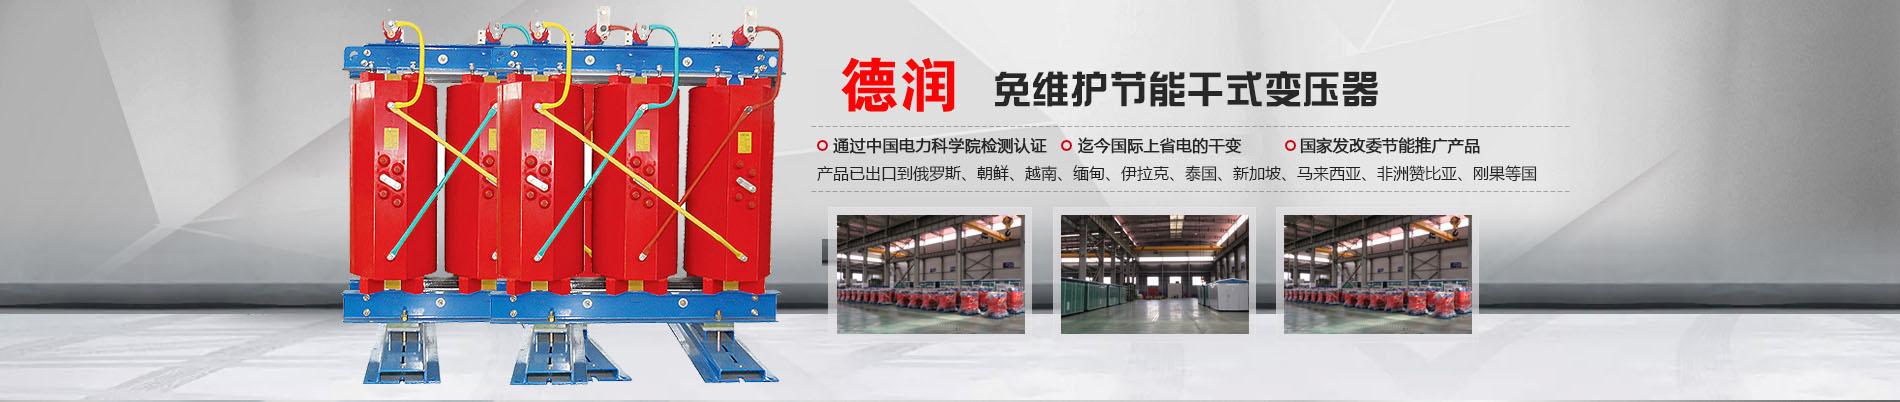 盘锦干式变压器厂家